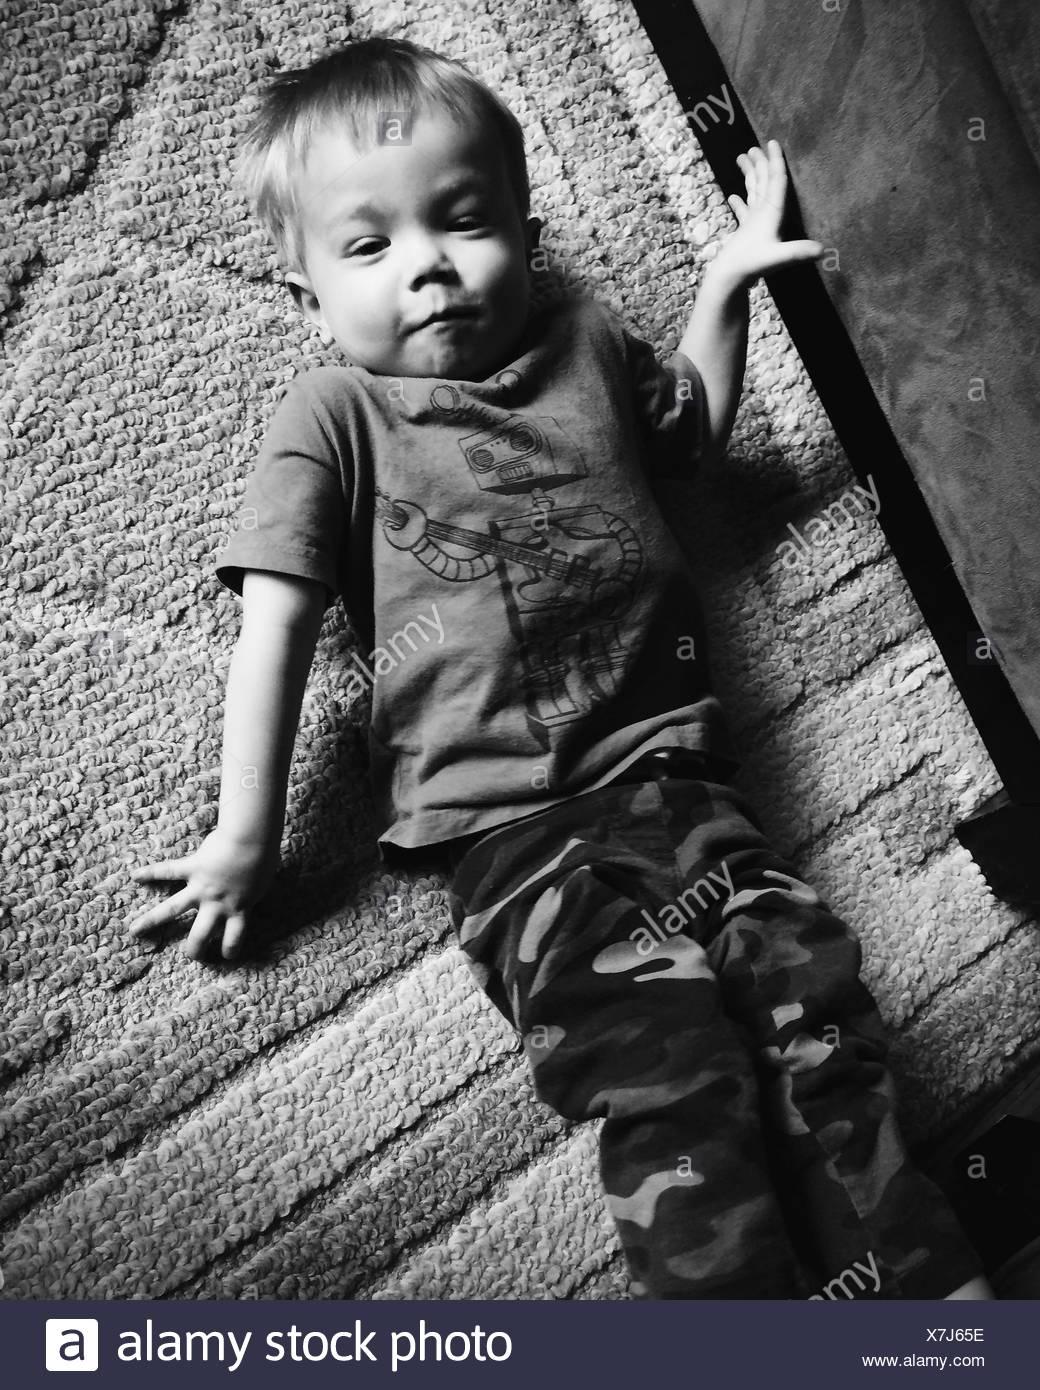 Garçon couché sur un tapis Photo Stock